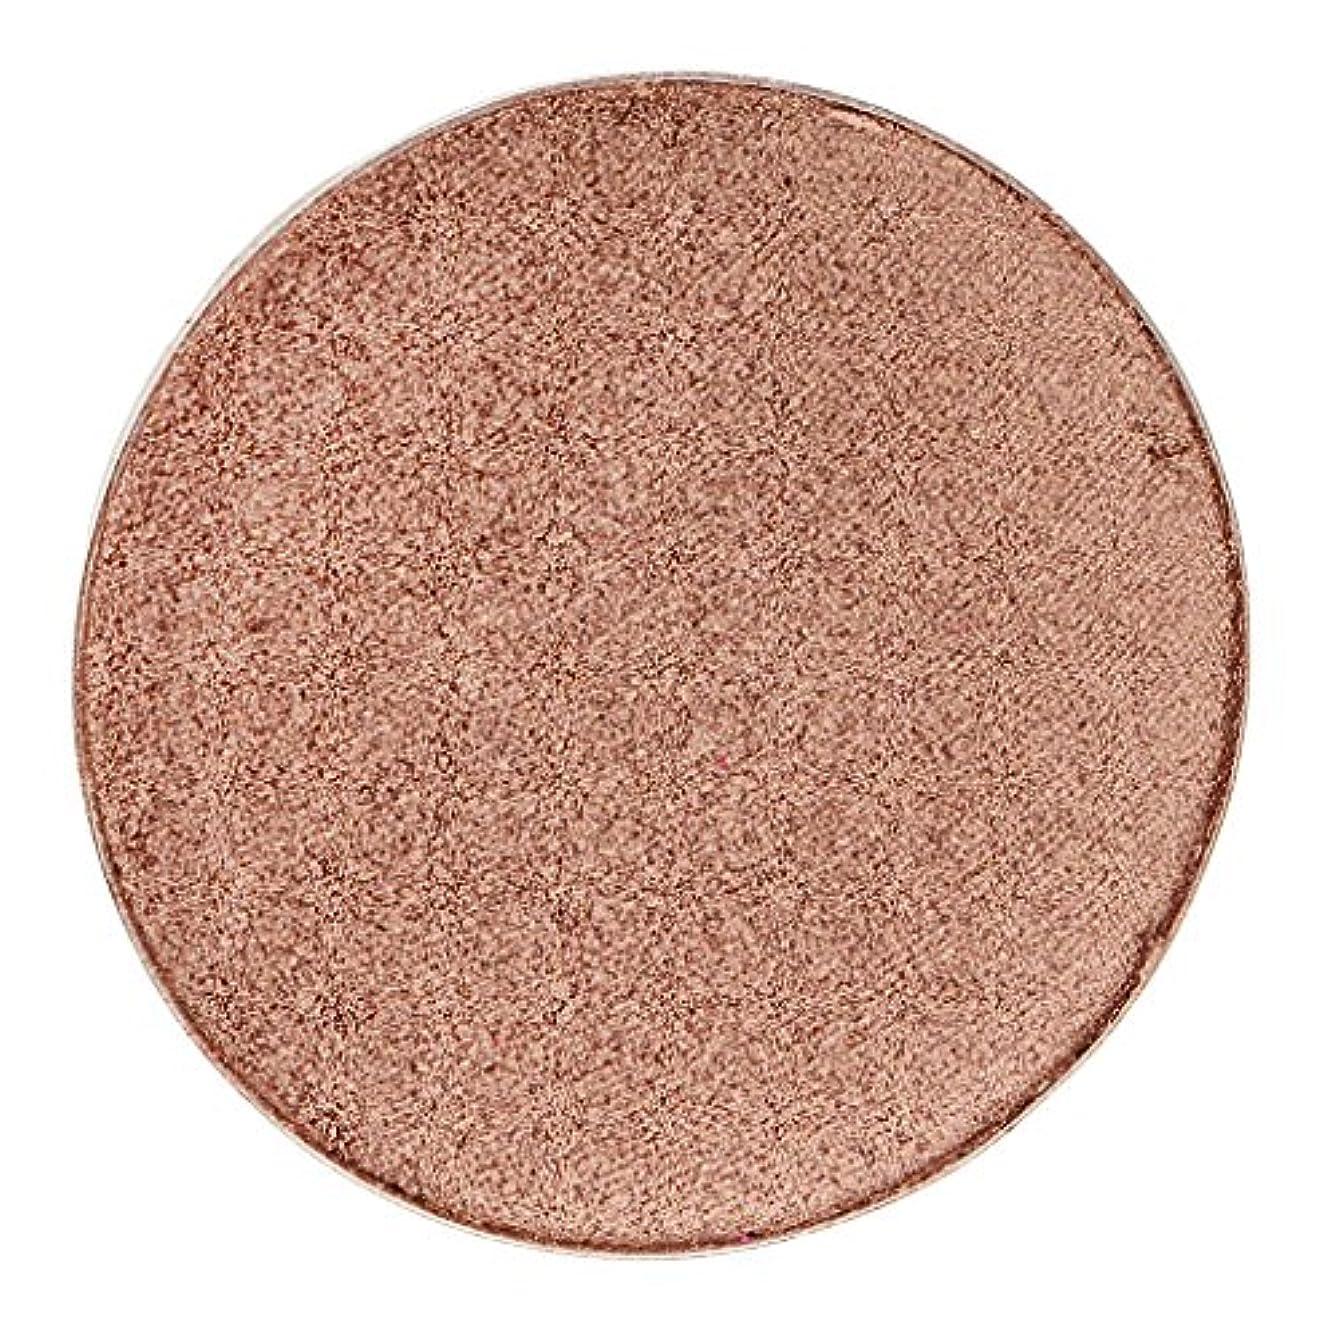 性的その他おしゃれな美容キラキラアイシャドウパレット化粧品アイシャドウメイク5色 - #39ブラウン